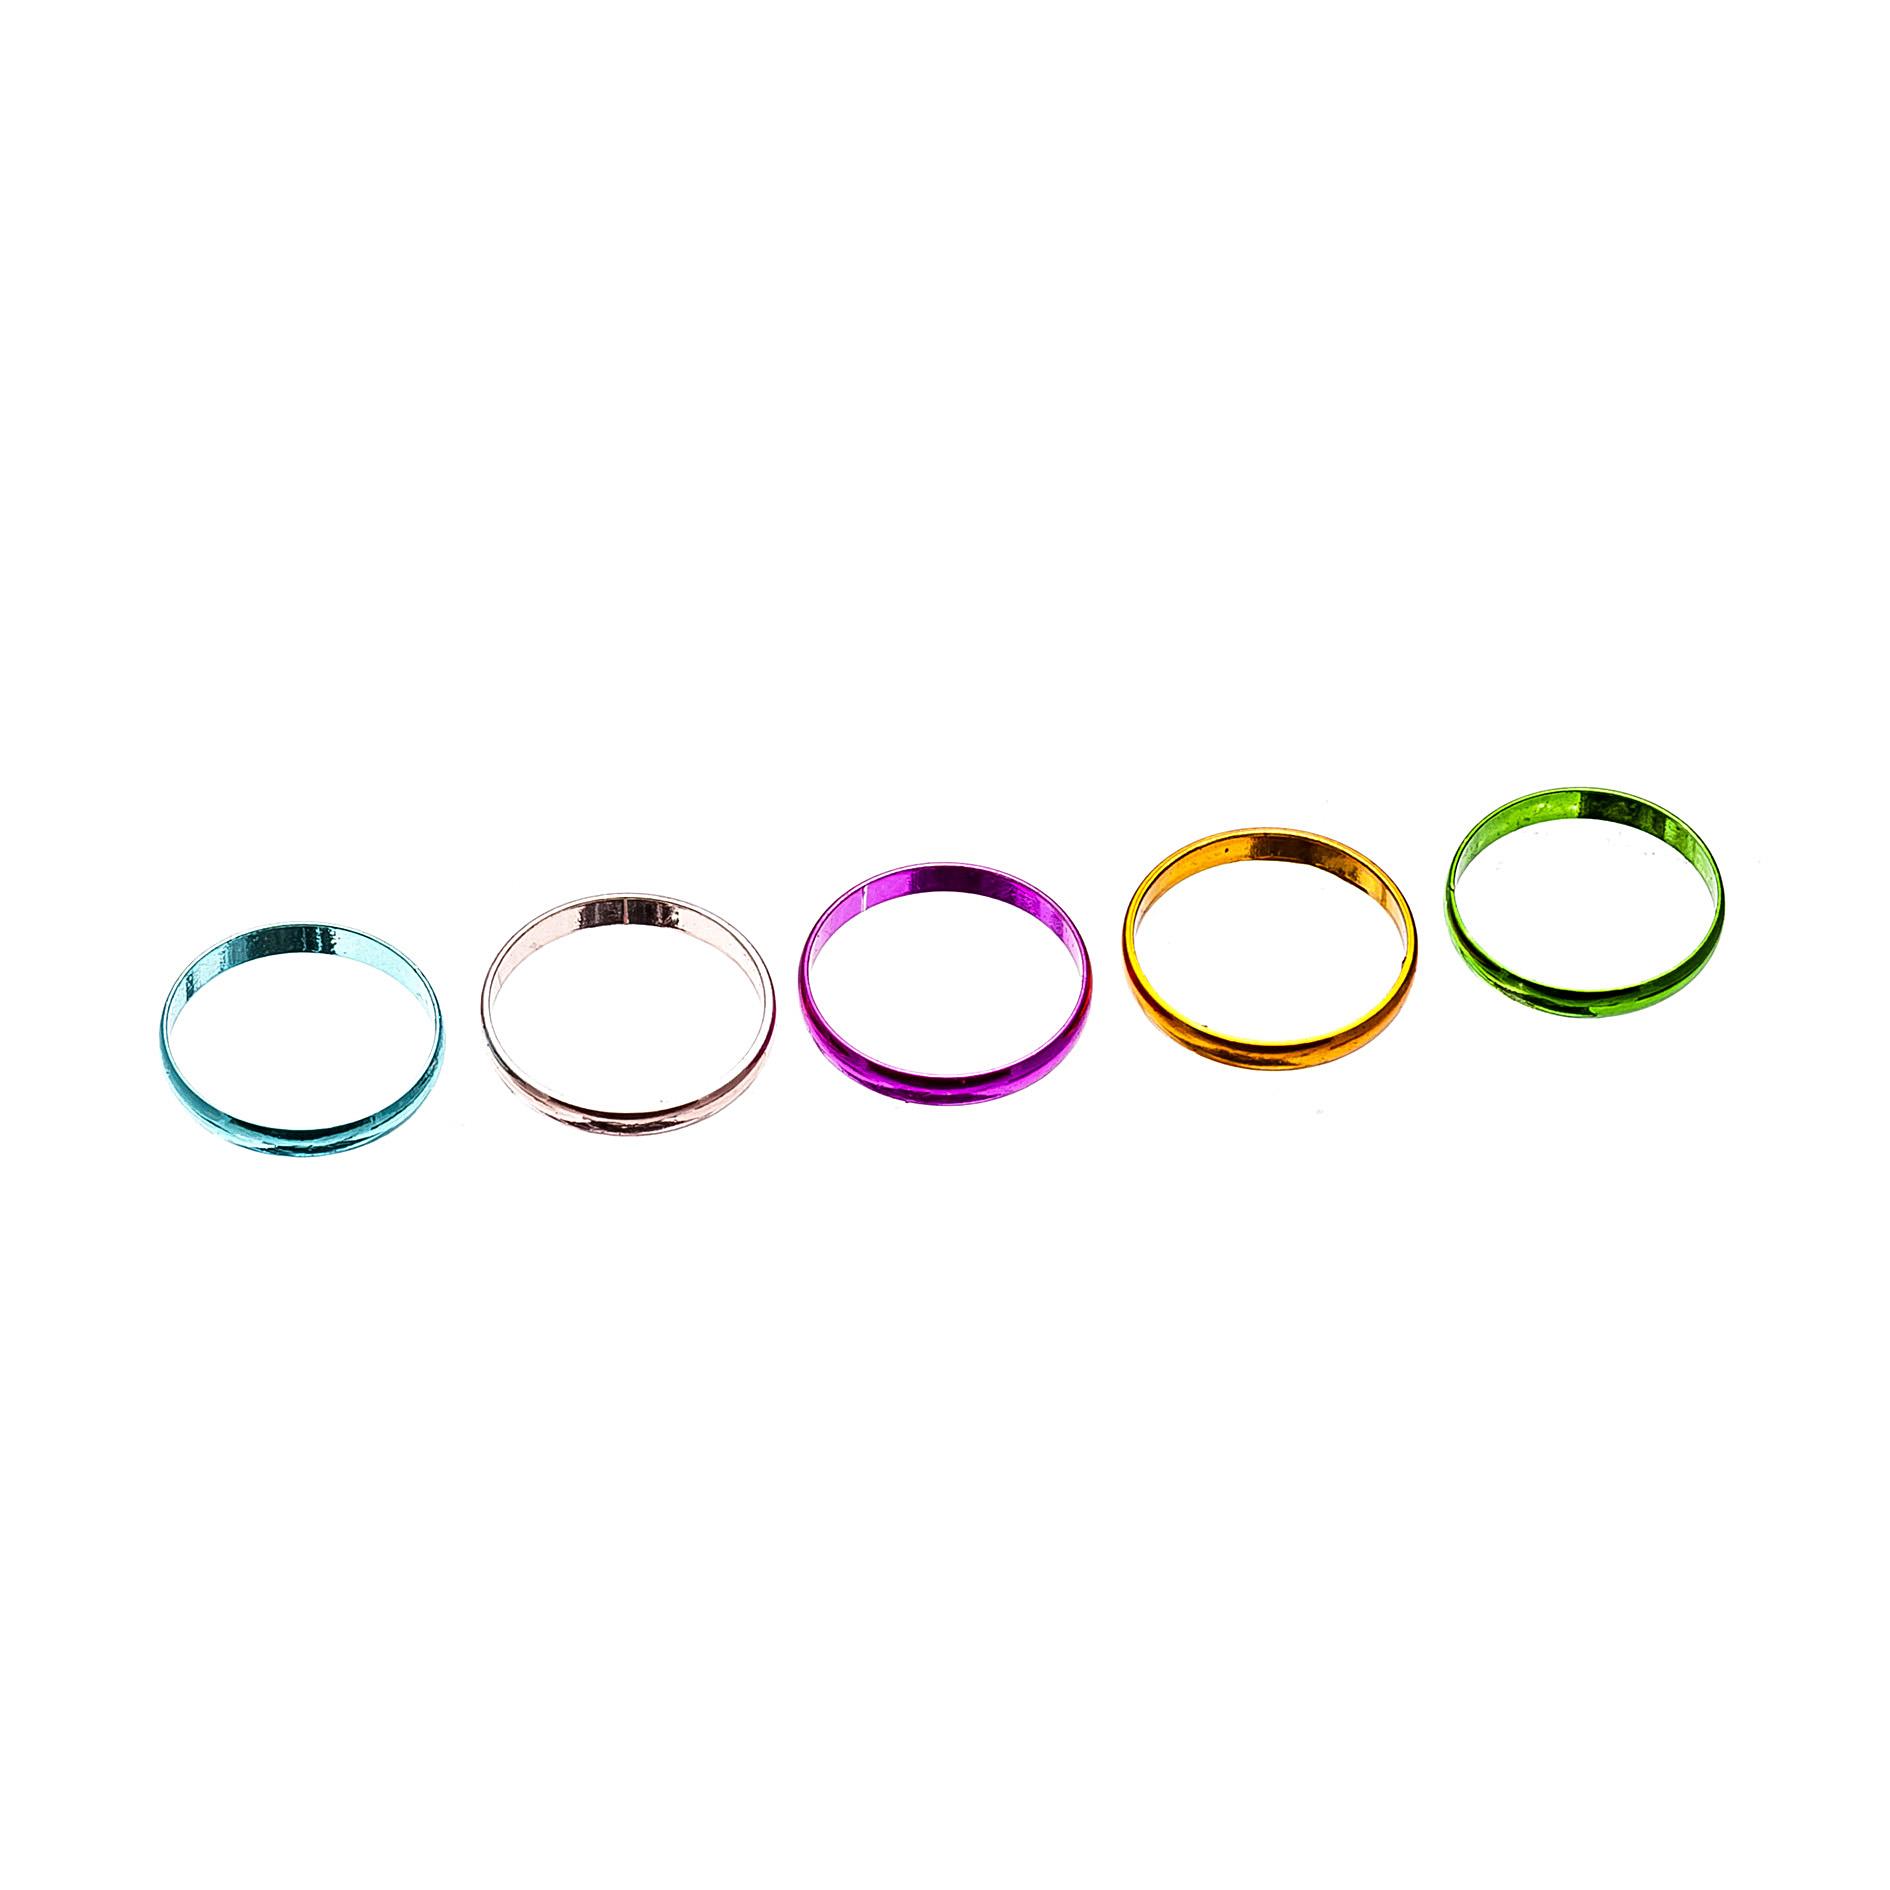 七彩金属色戒指圈